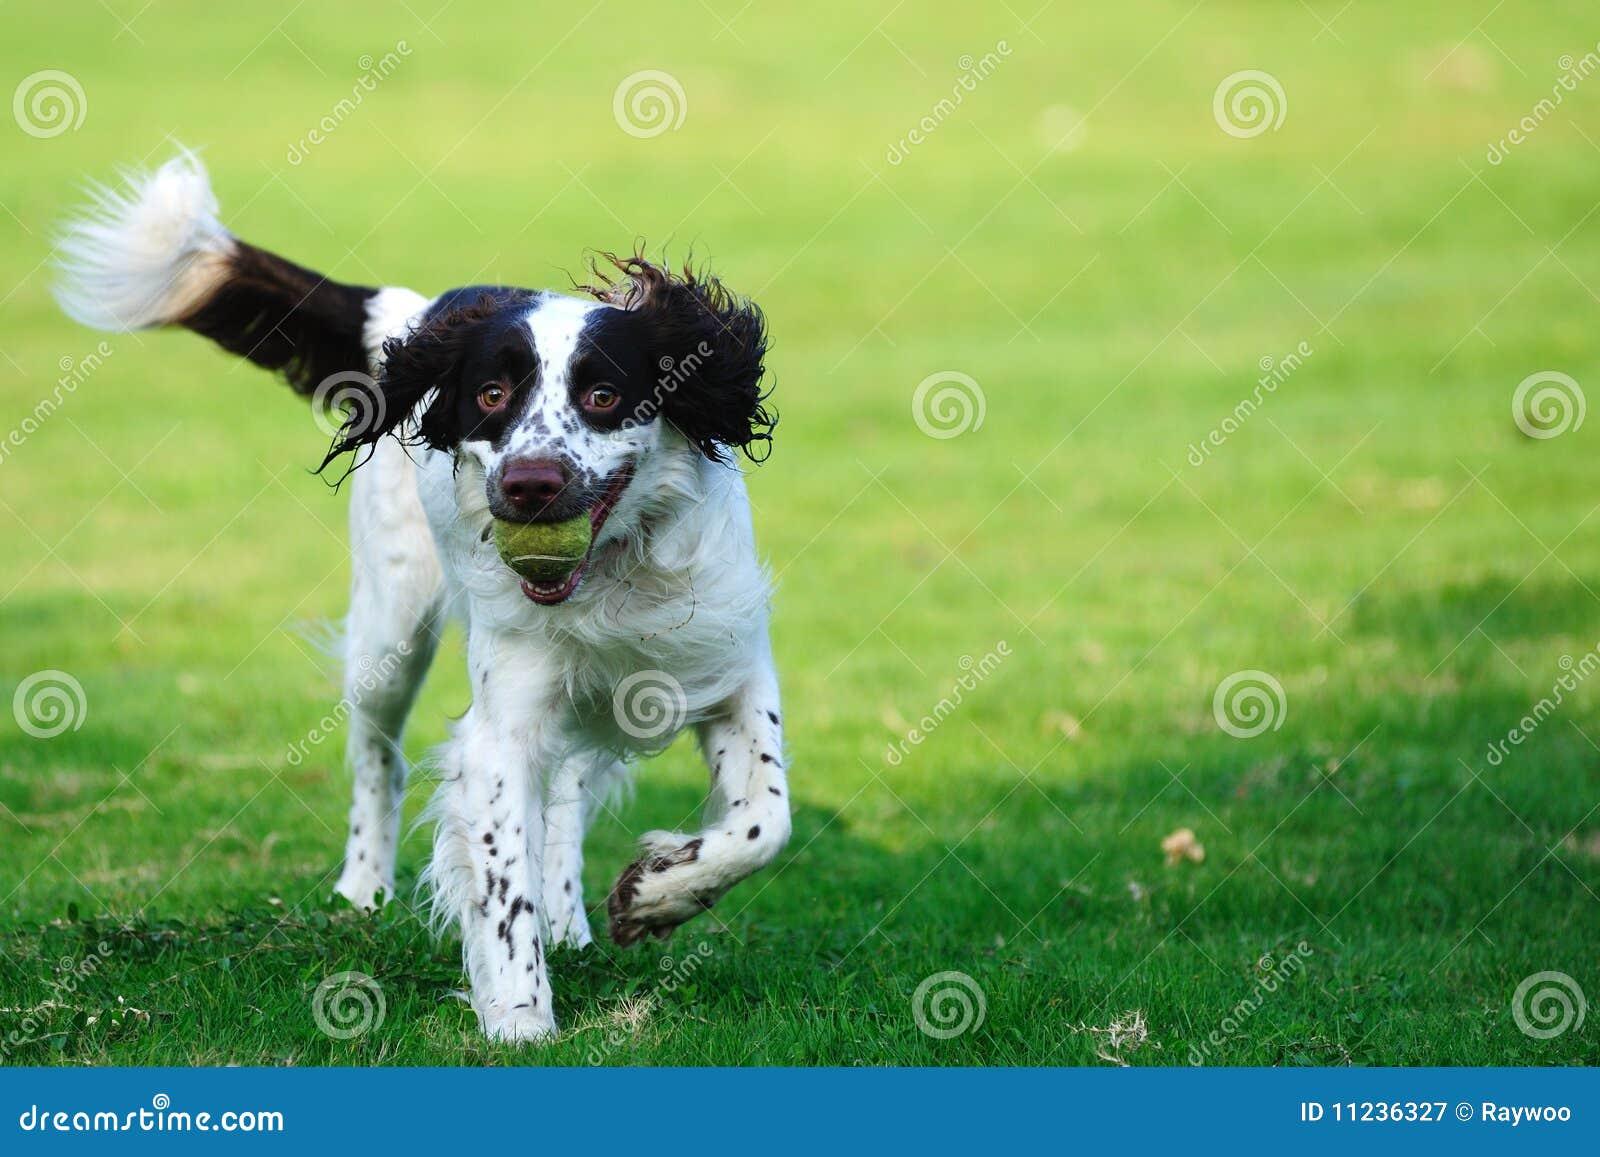 狗和人�y�'��)�al�����:)�h�_狗连续蹦跳的人